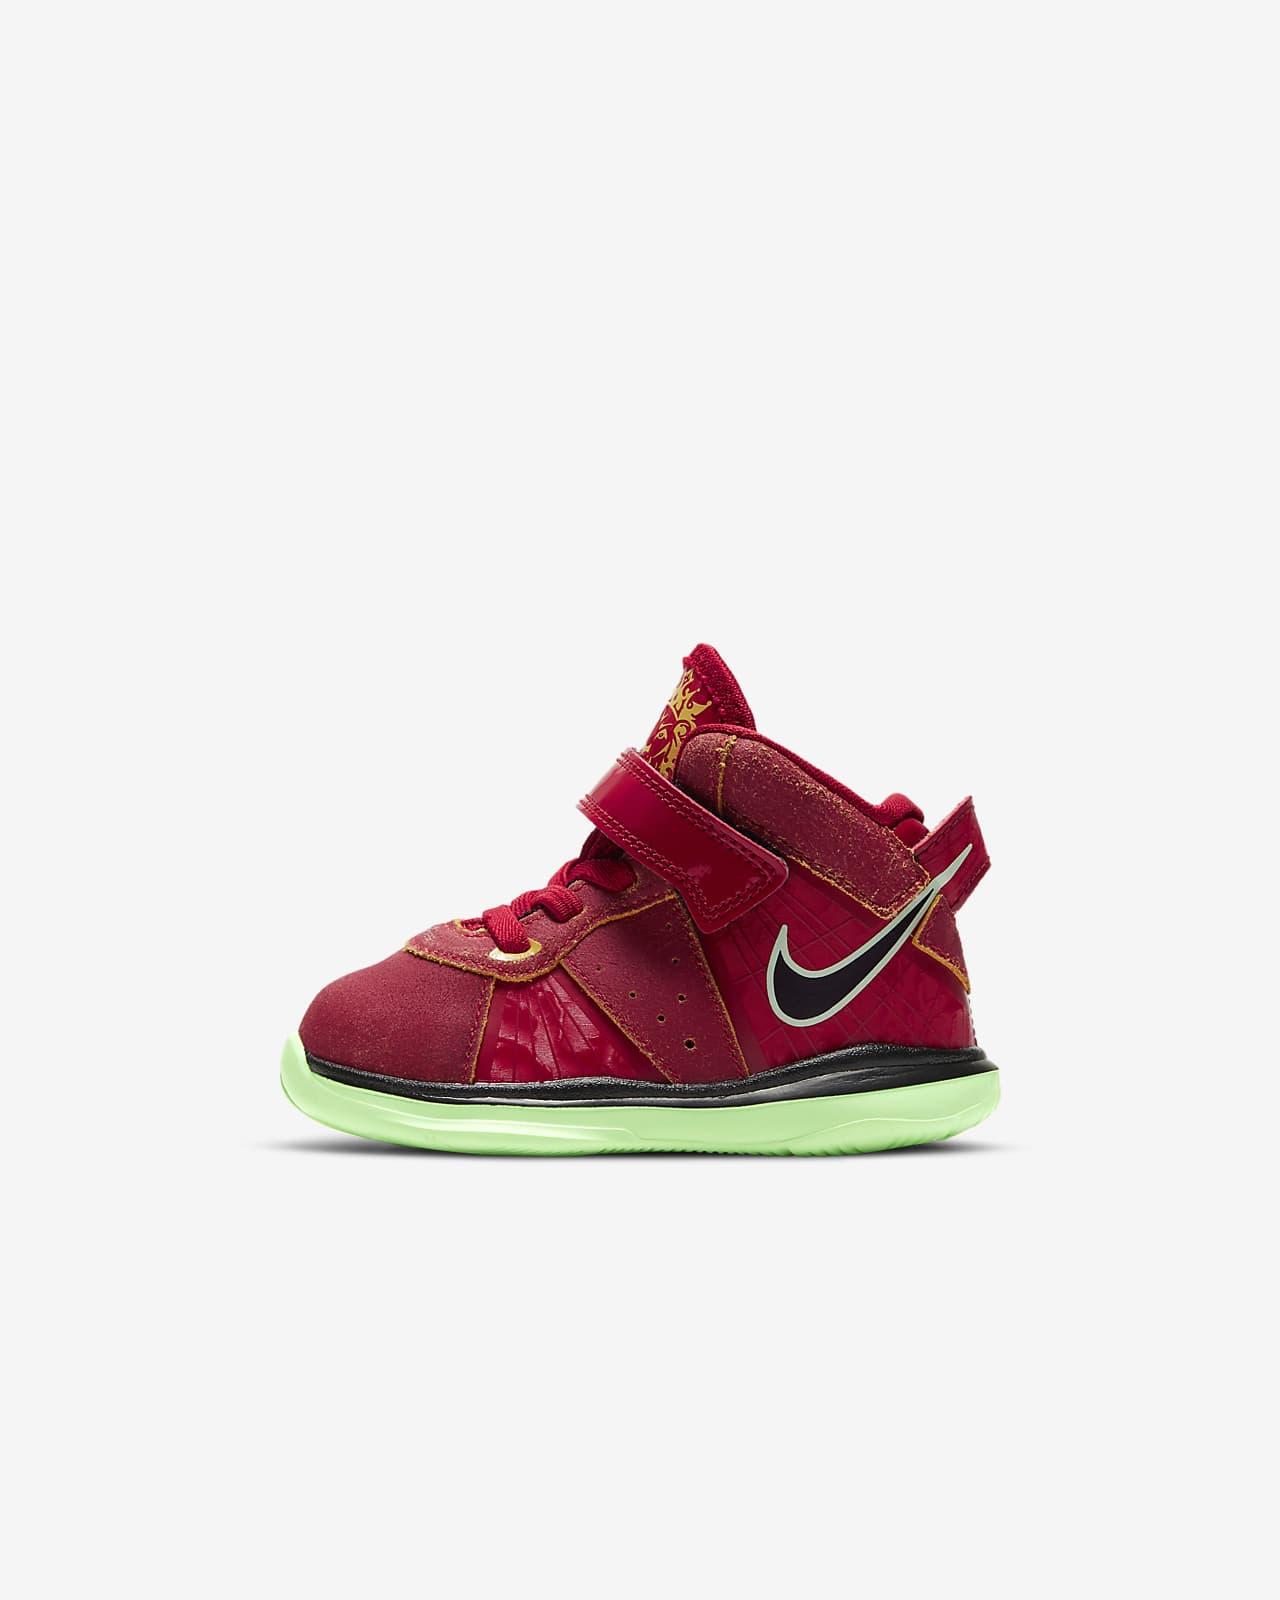 Nike LeBron 8 Baby/Toddler Shoe